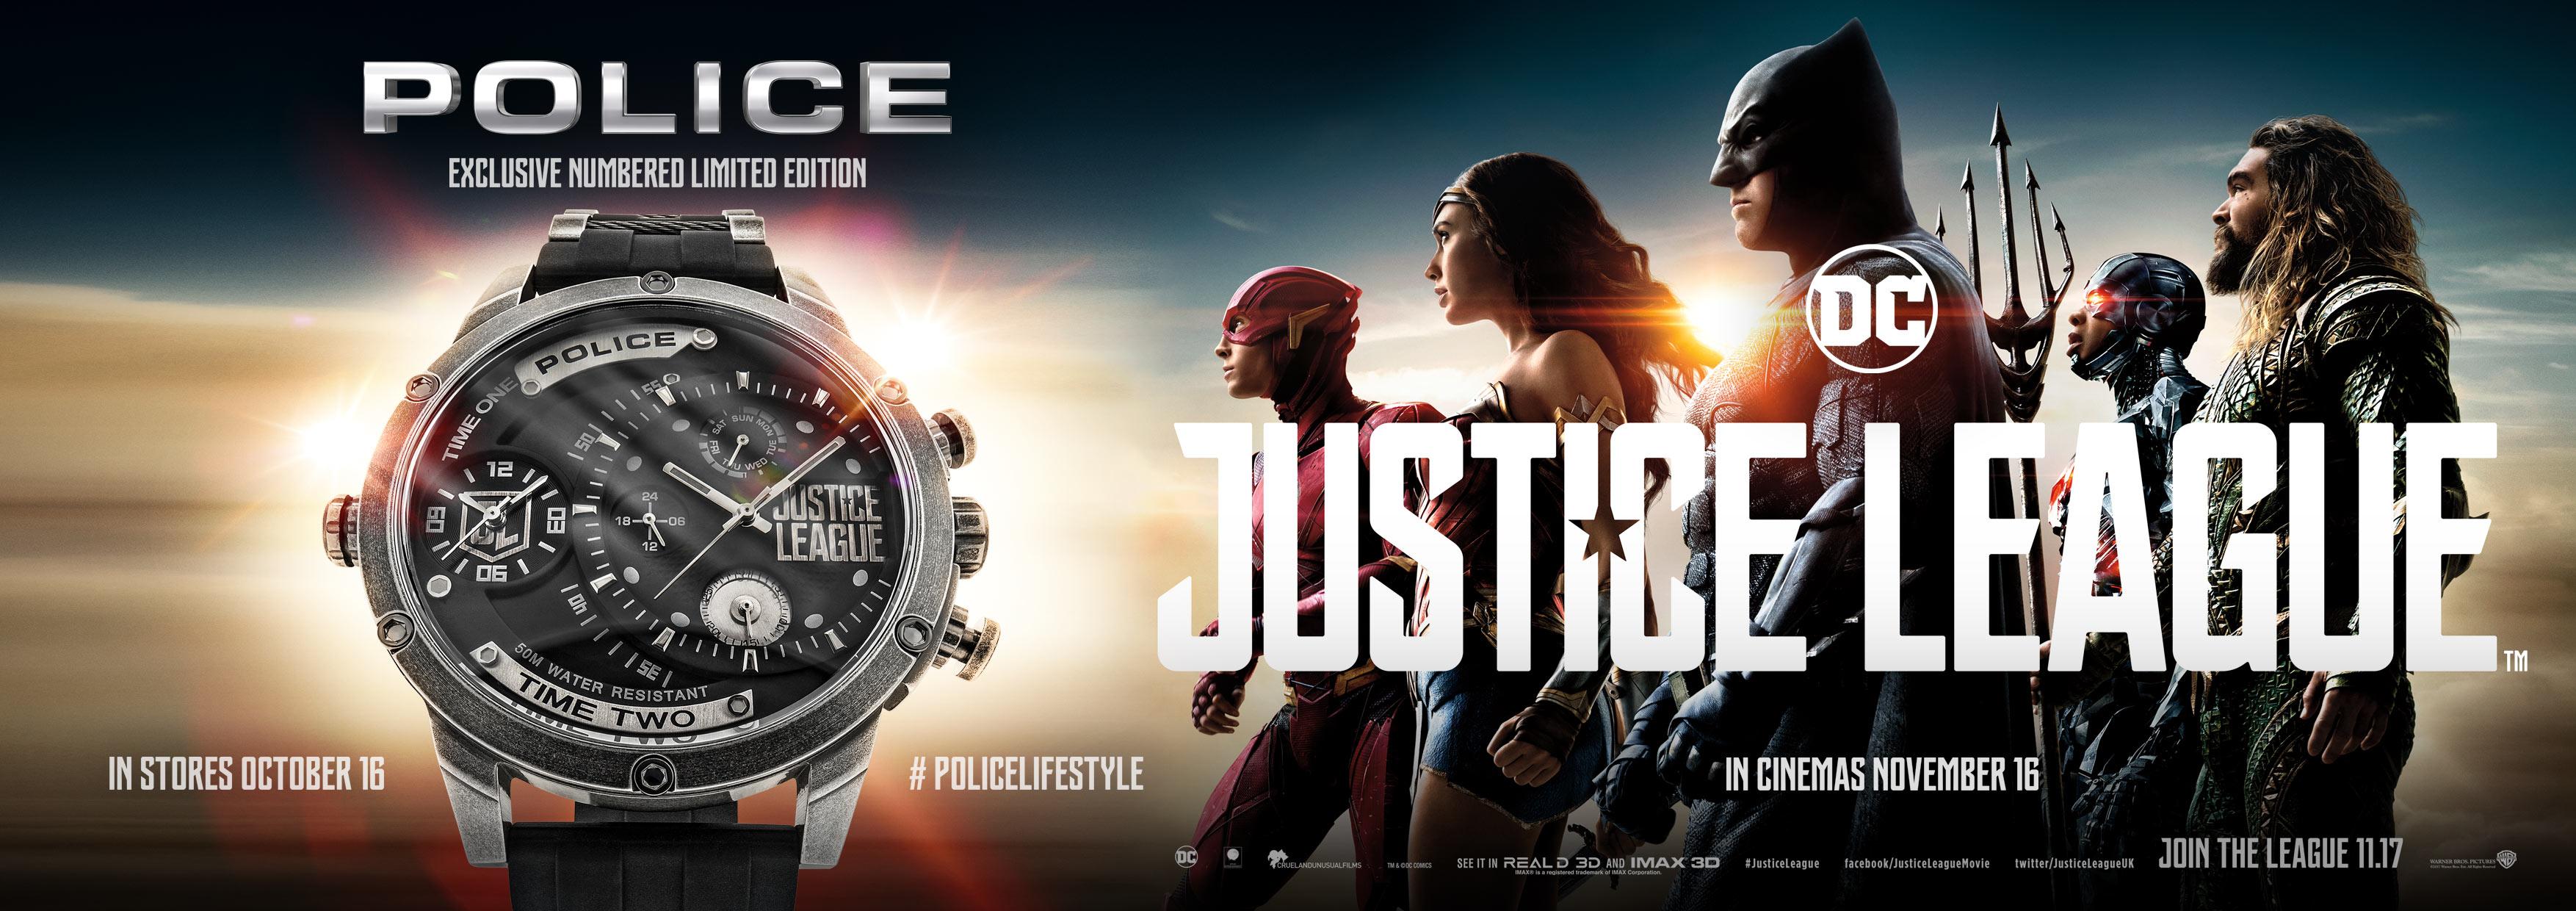 Police justice league